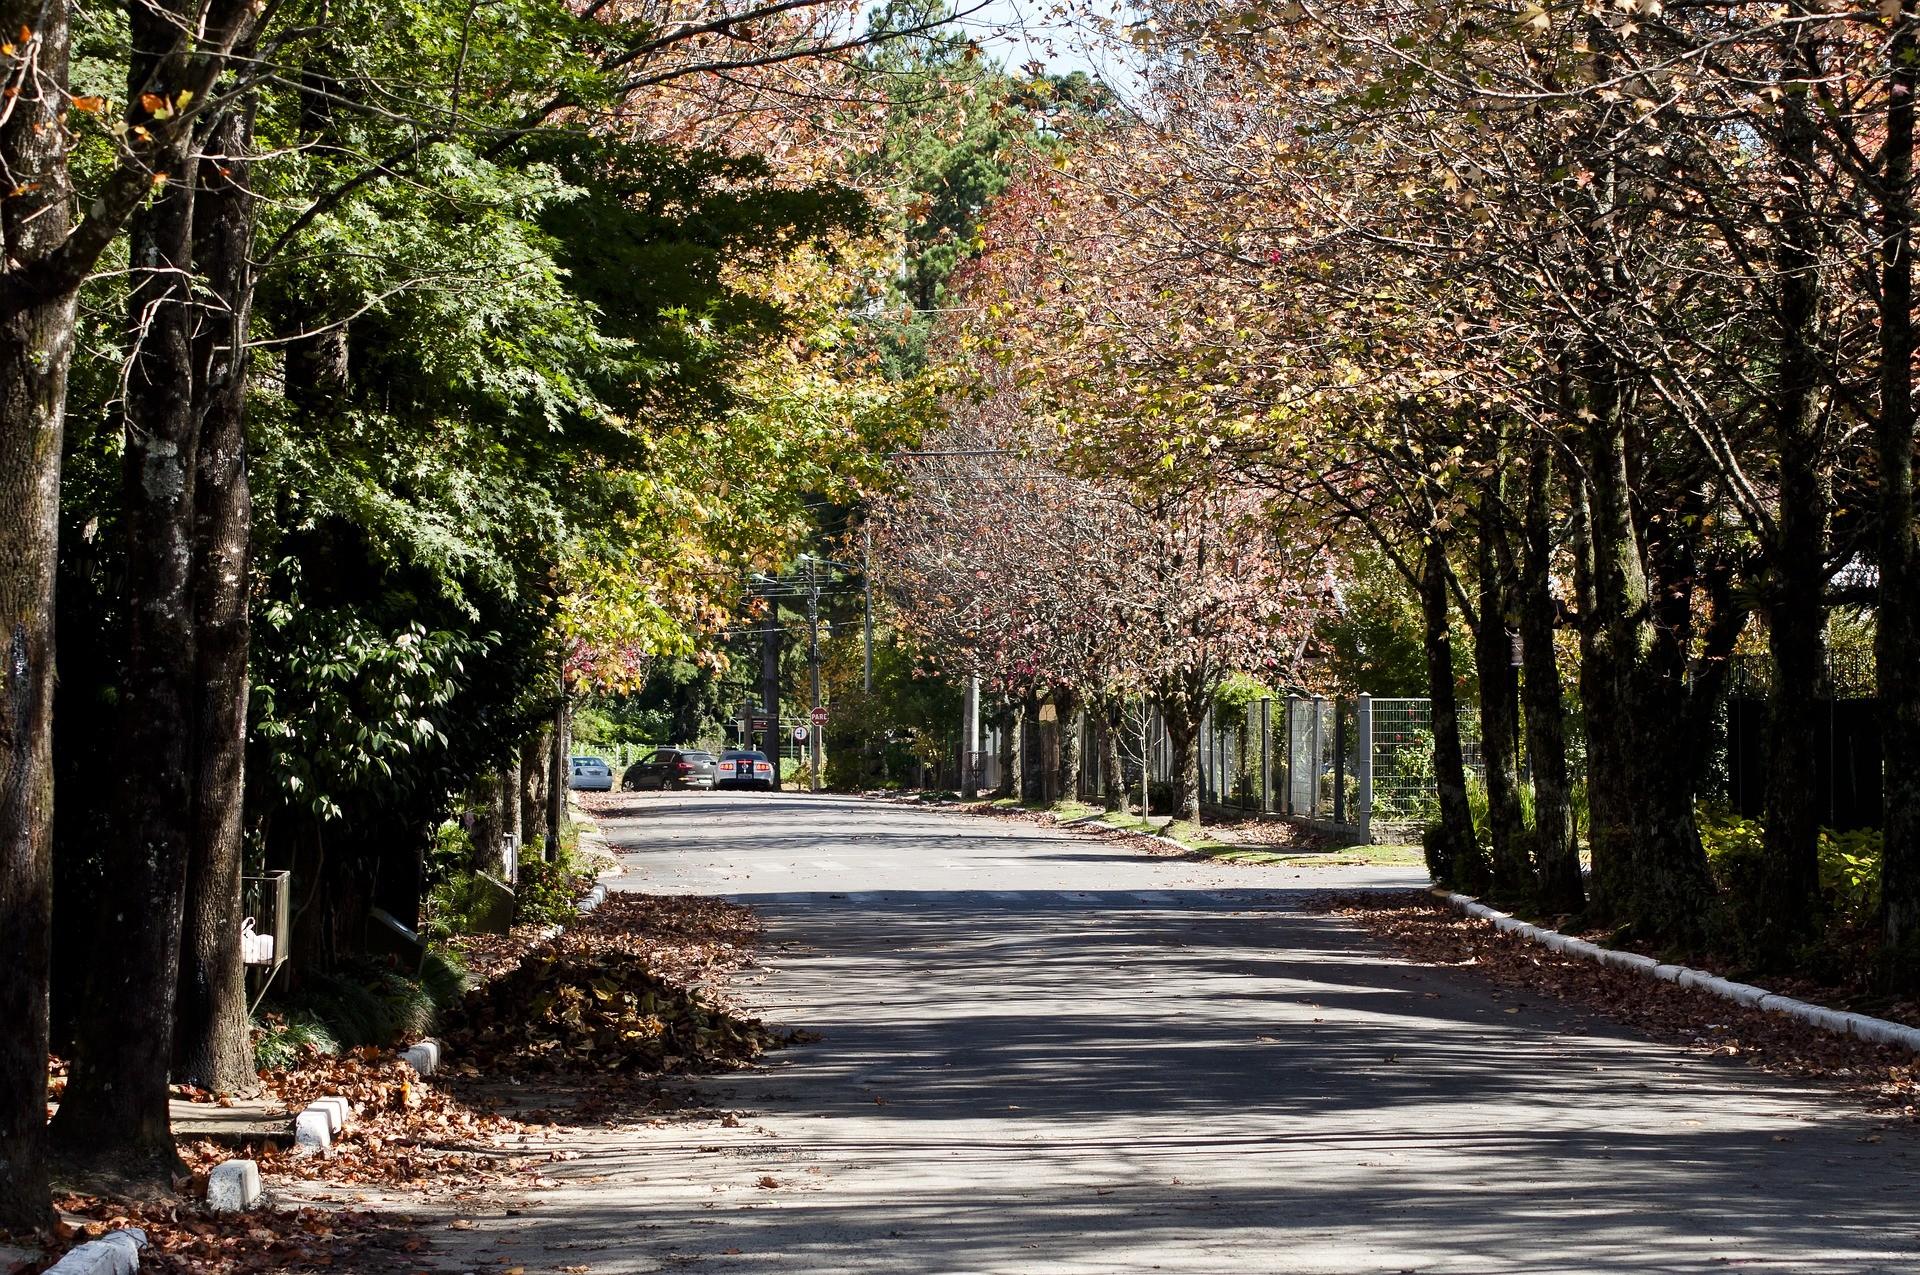 Outono começa nesta quarta-feira; veja previsão para todas as regiões - Noticias